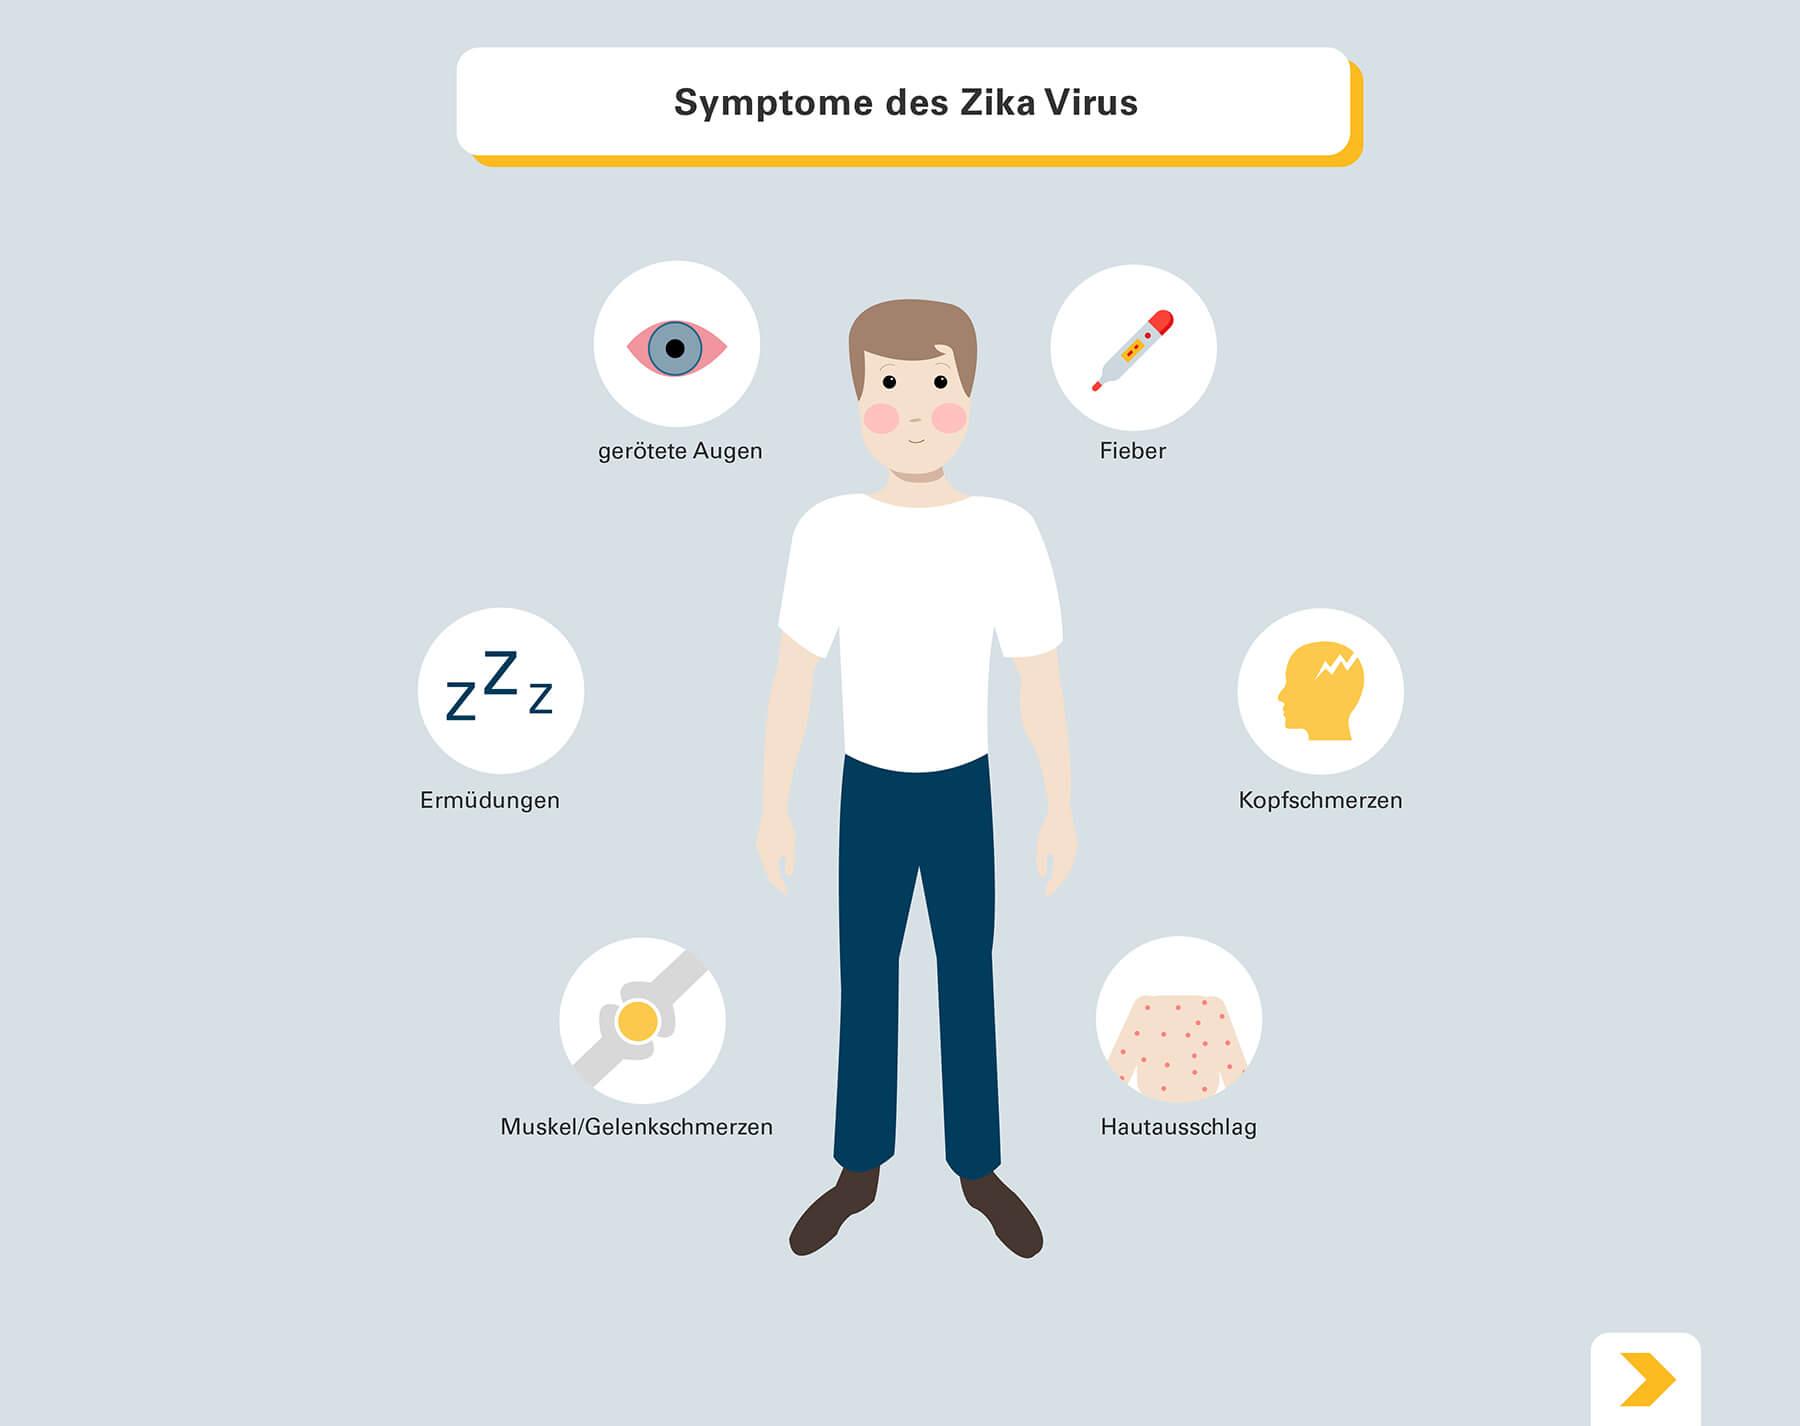 Zika-Virus-Symptome - Grafische Darstellung